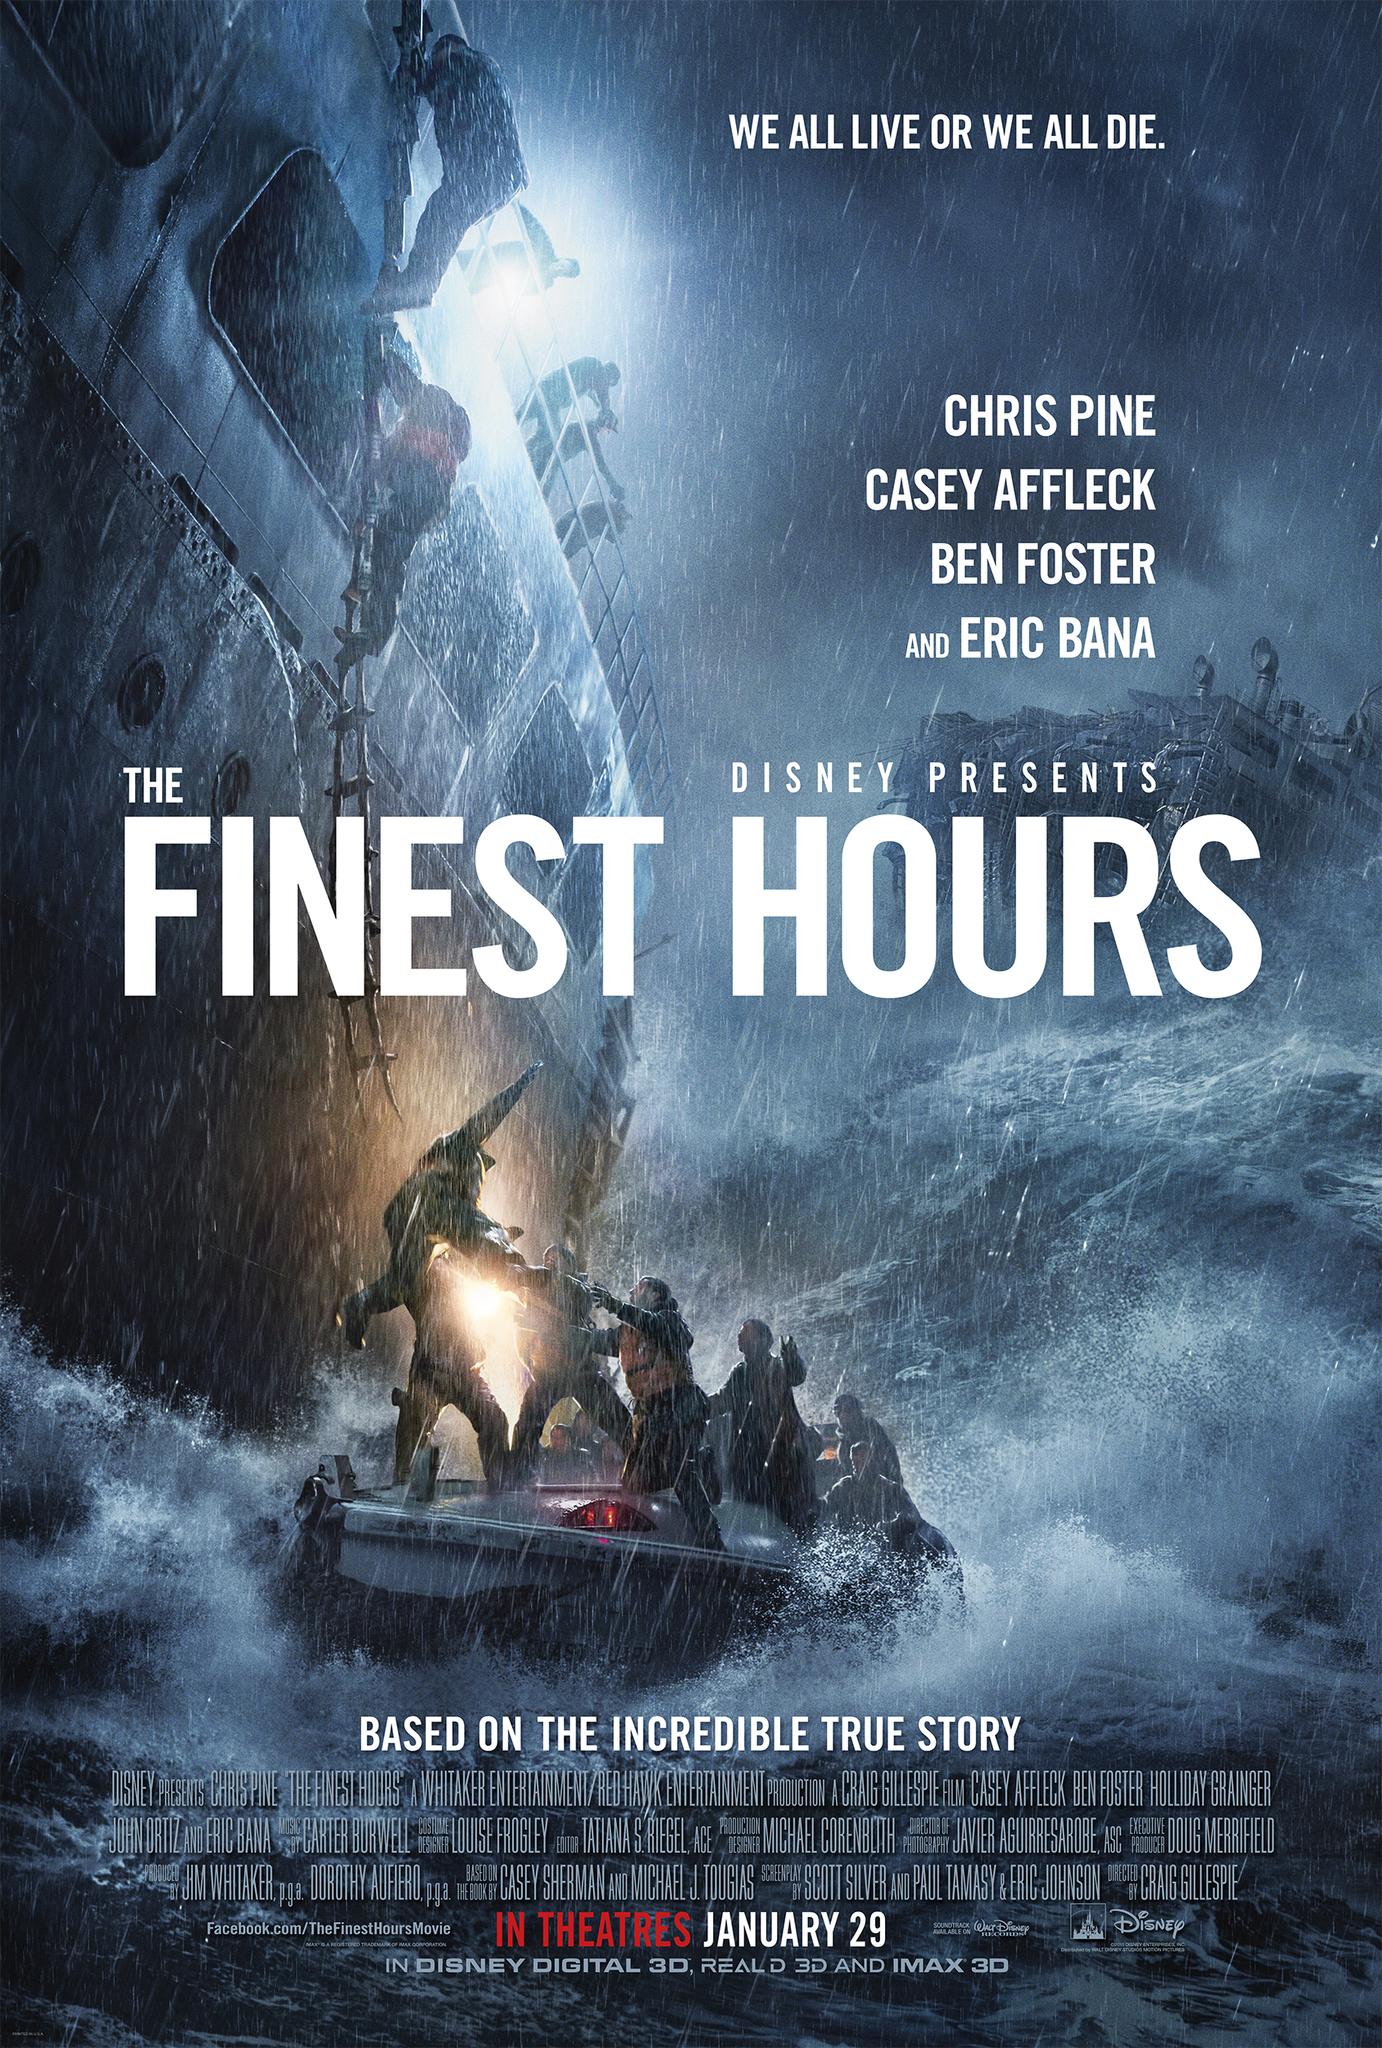 ดูหนังออนไลน์ The Finest Hours (2016)